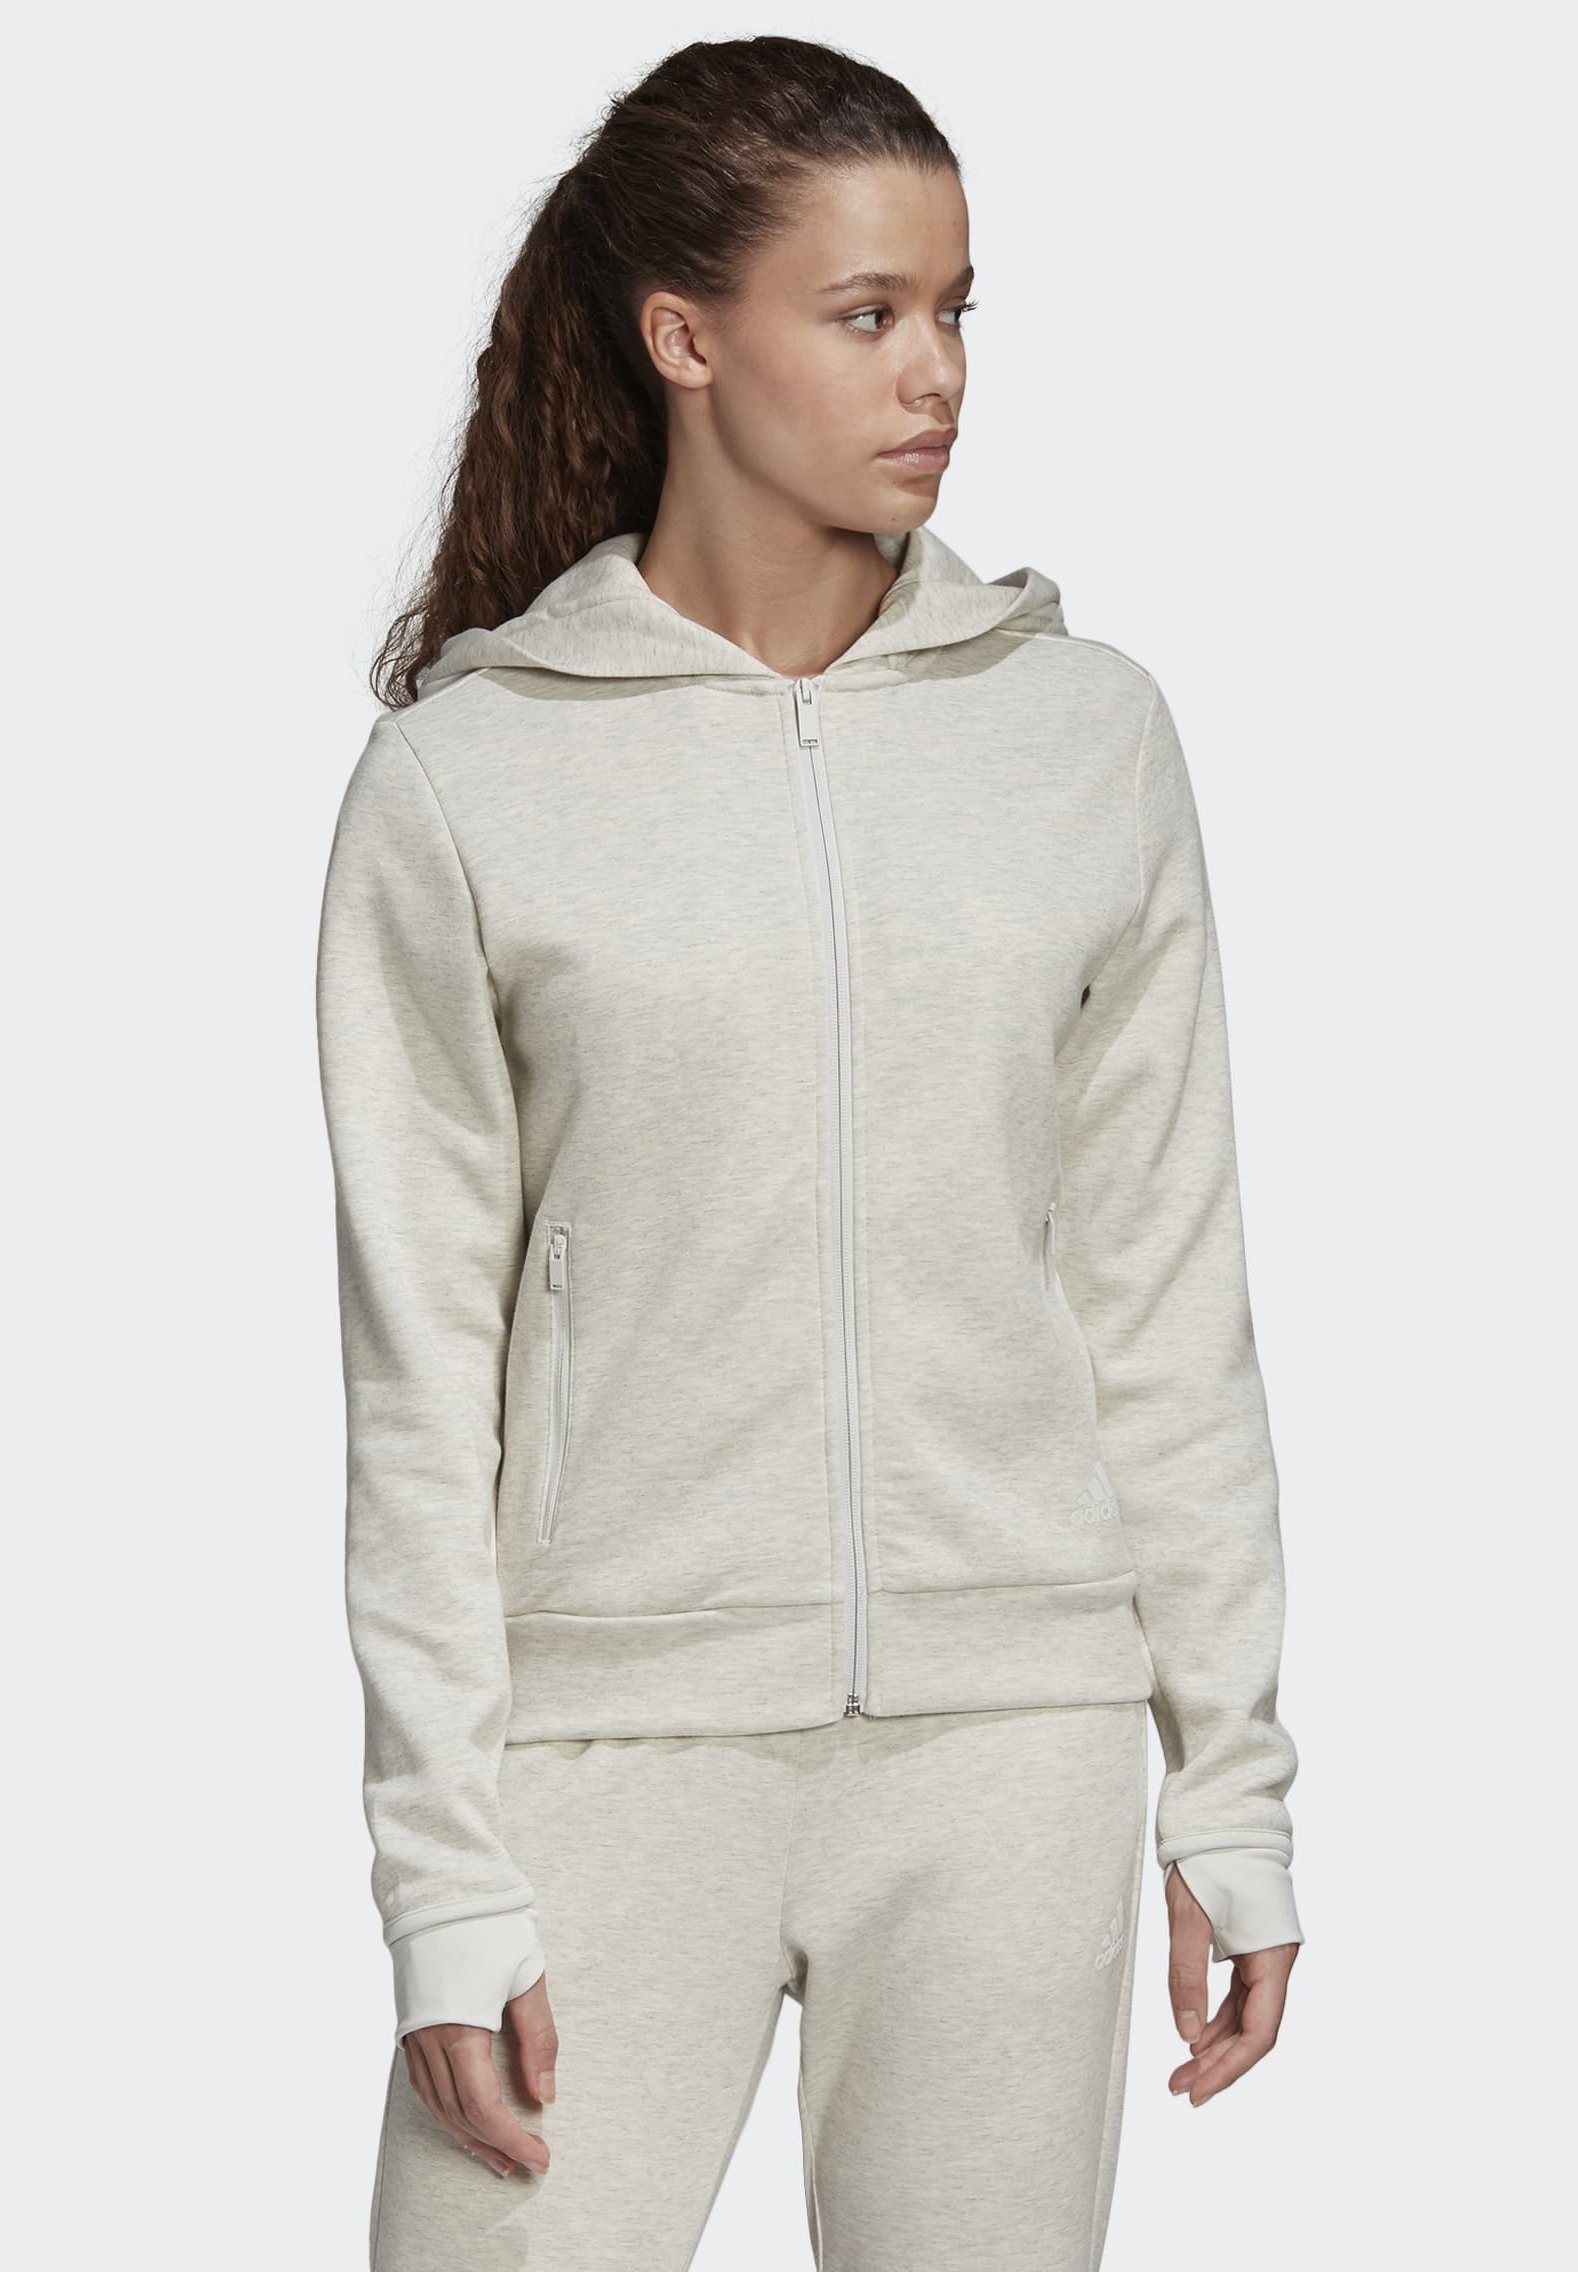 Latest Discount Women's Clothing adidas Performance MUST HAVES VERSATILITY HOODIE Zip-up hoodie grey melange BXwIIiSr6